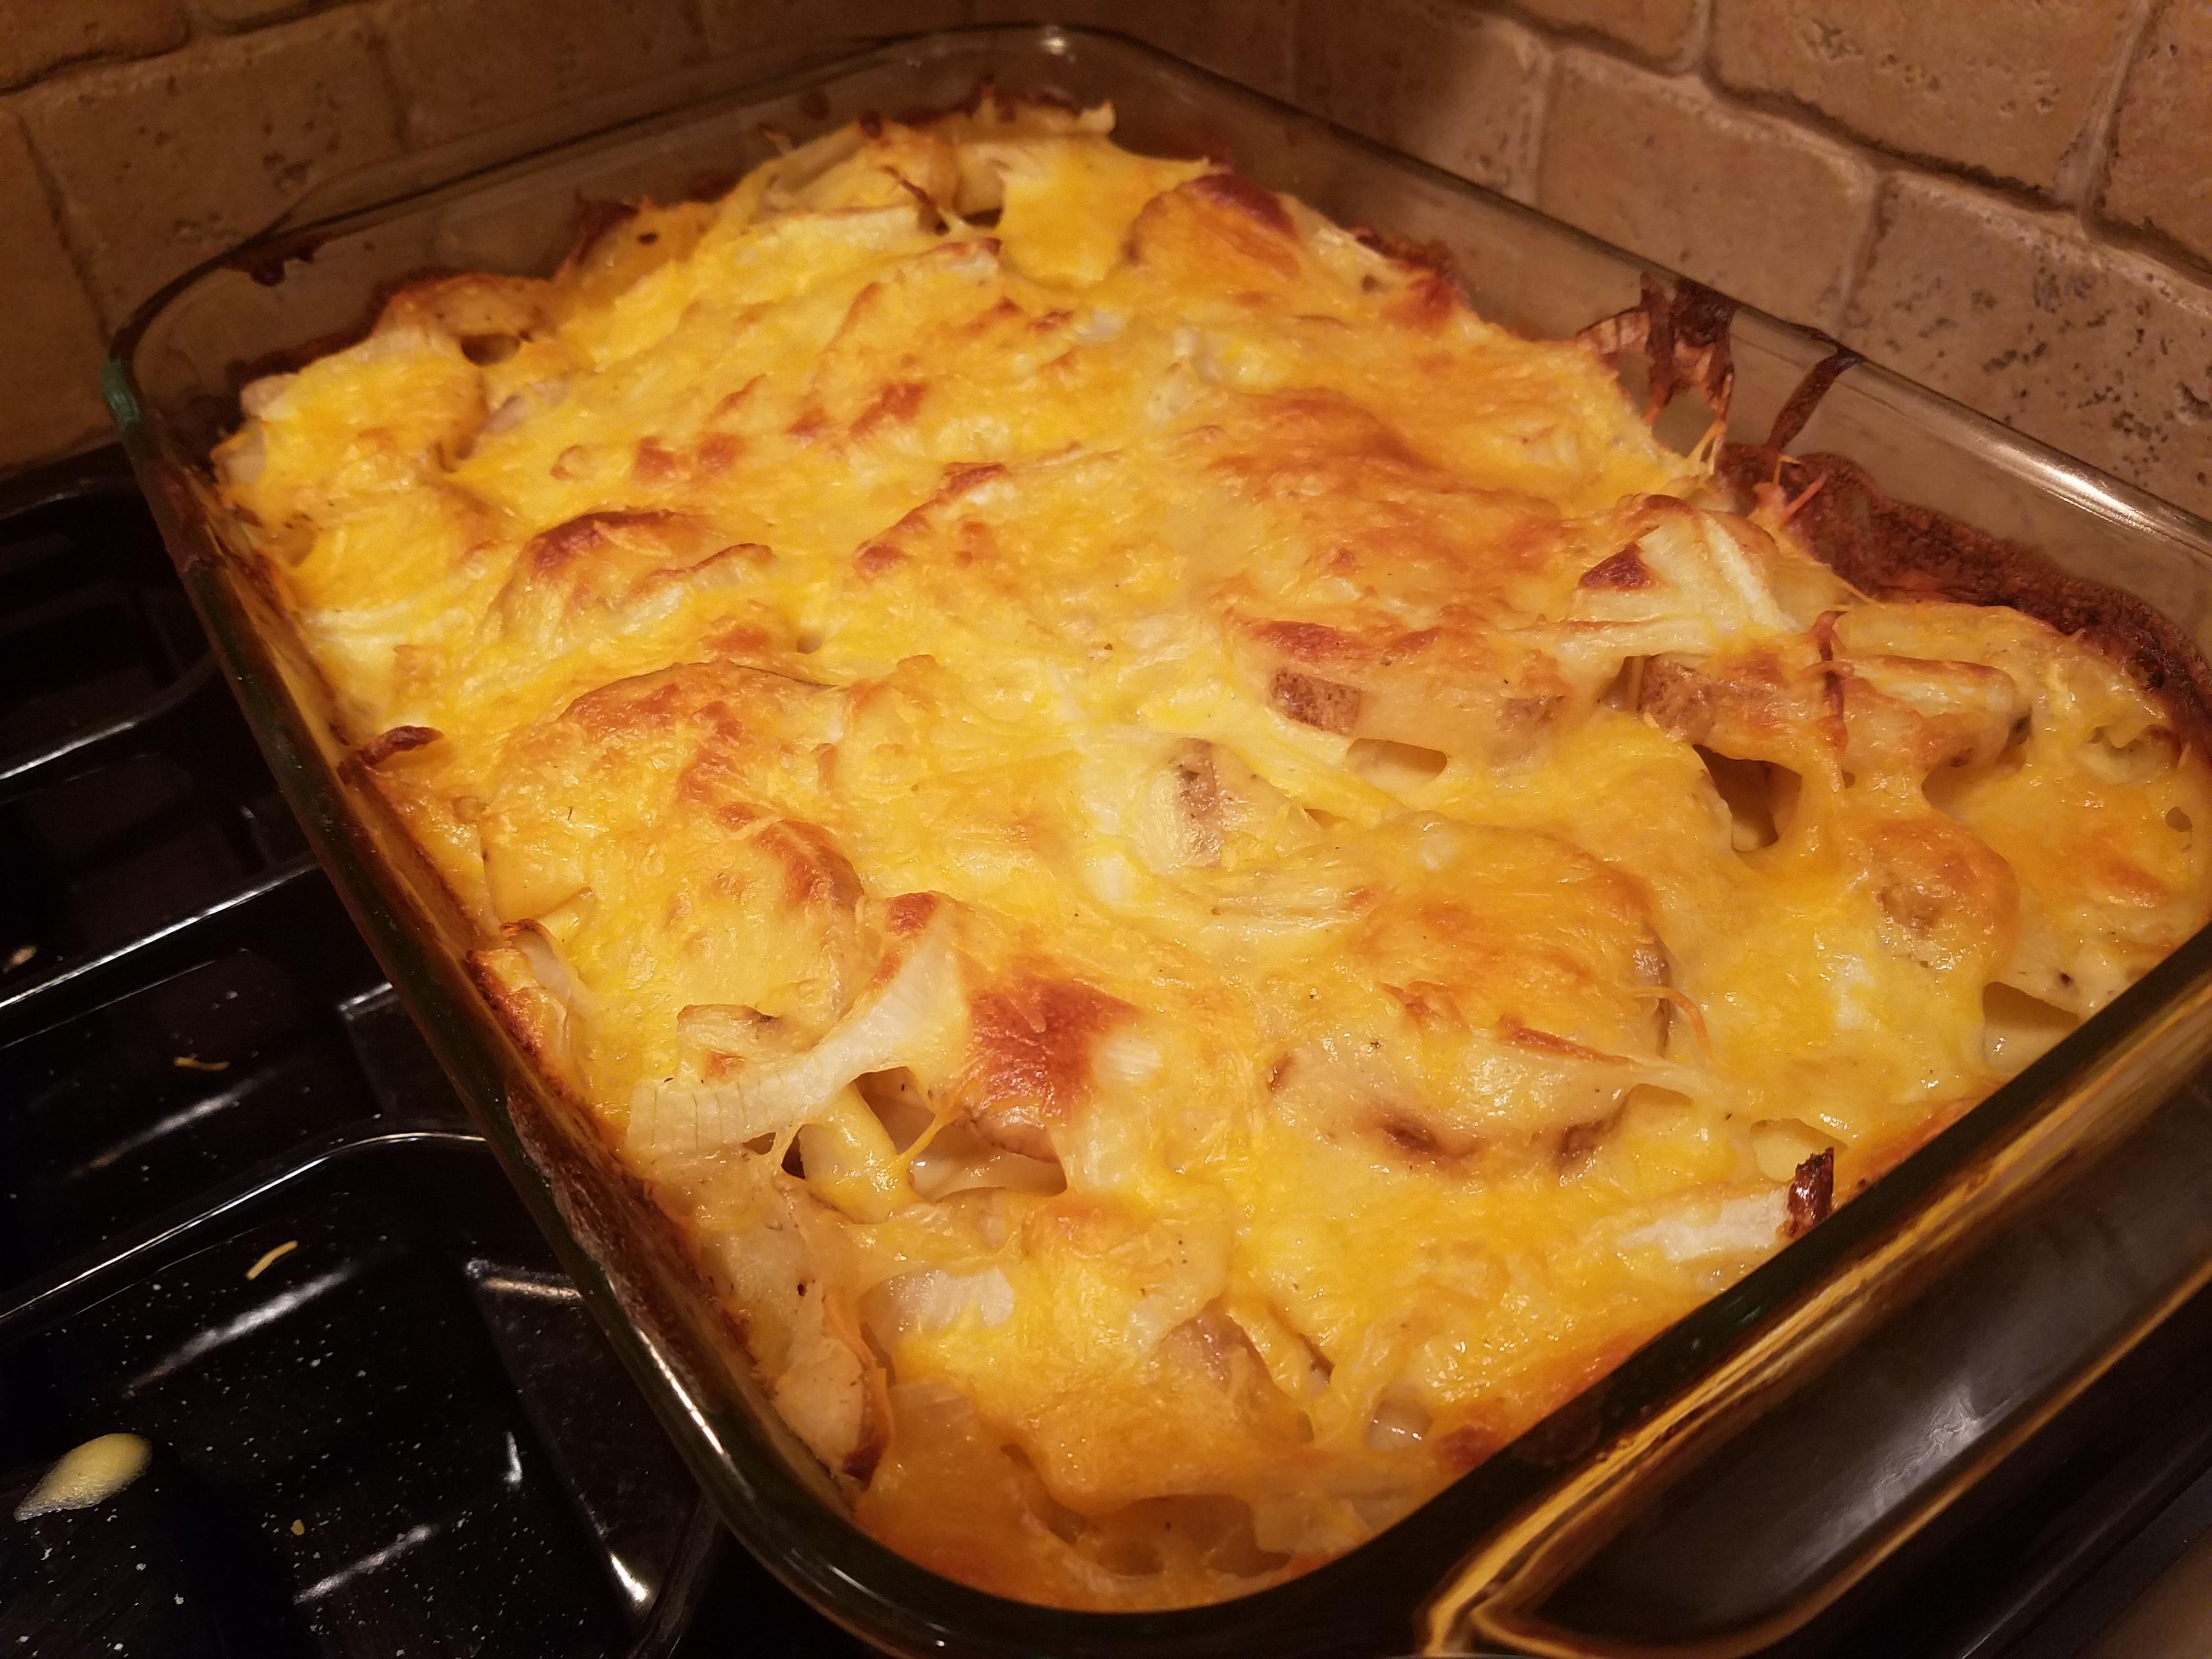 Healthier Creamy Au Gratin Potatoes Solimar Caban-Ritchie